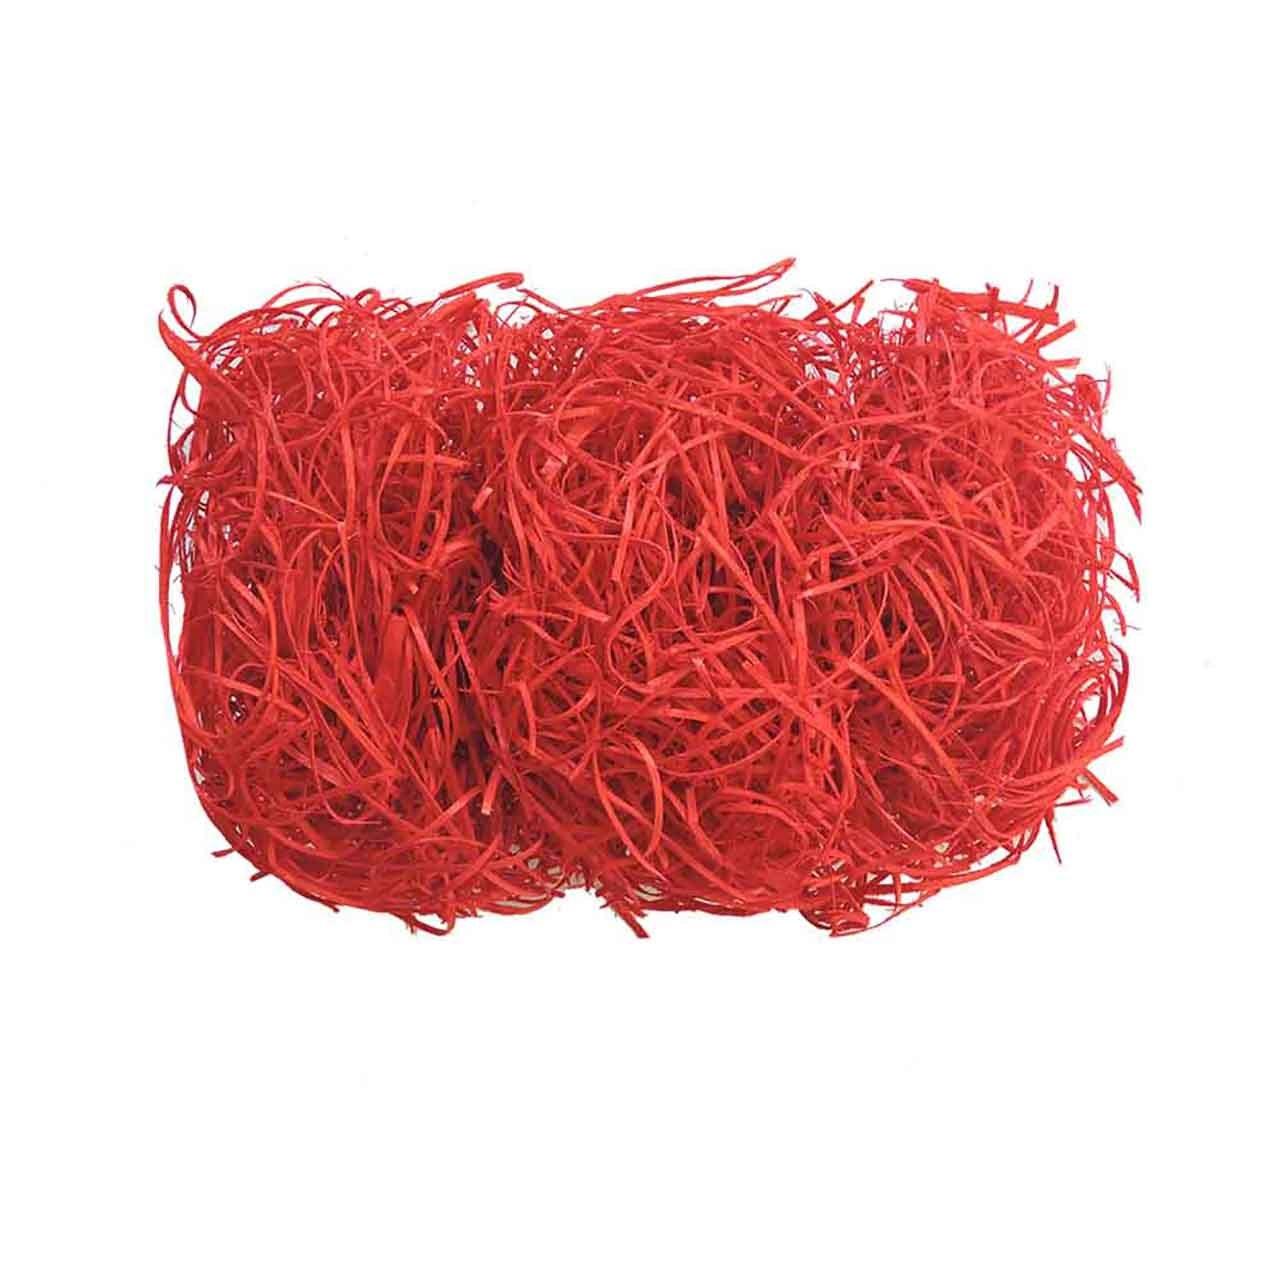 ابزار تزیینی کادو پرنیان هفت رنگ مدل Colored Straw1